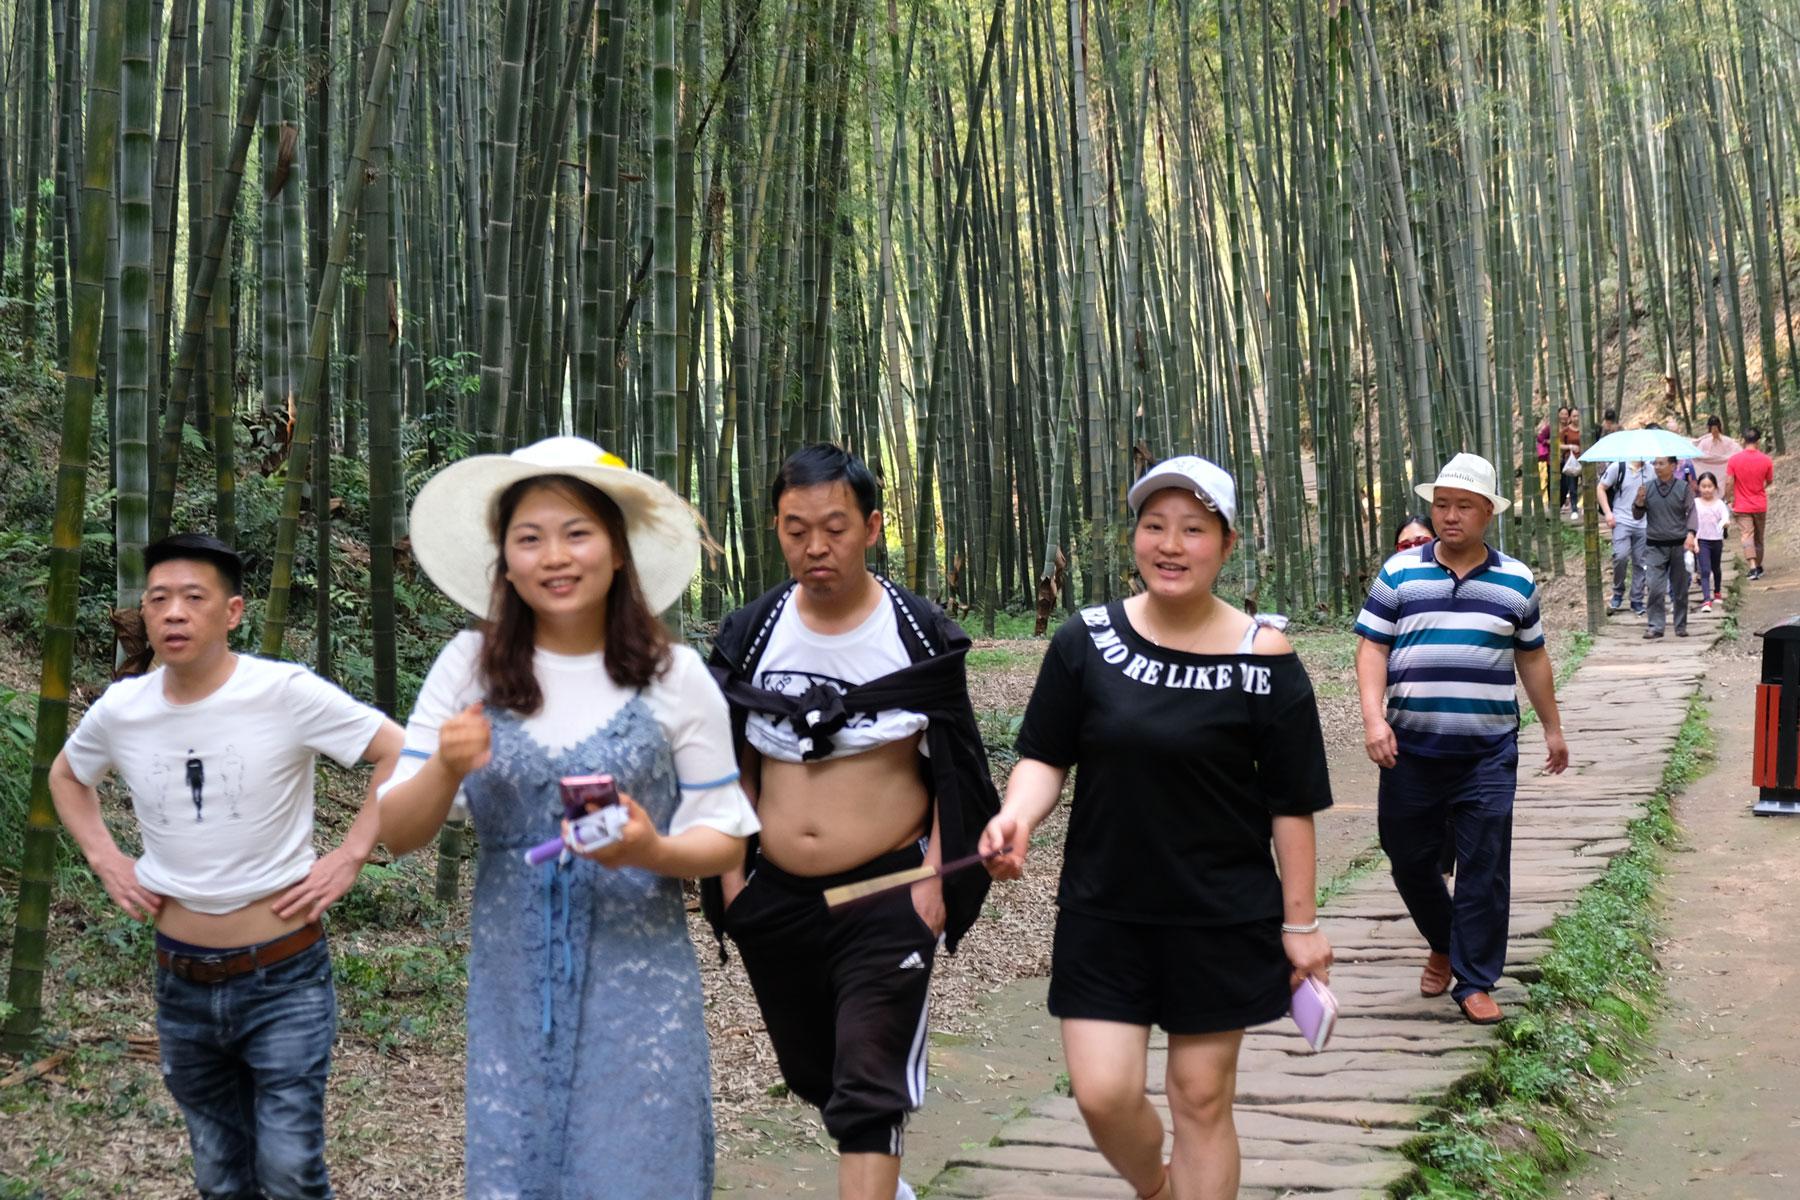 Chinesische Touristen gehen im Bambusmeer spazieren. Ein Chinese entblößt seinen Bauch.